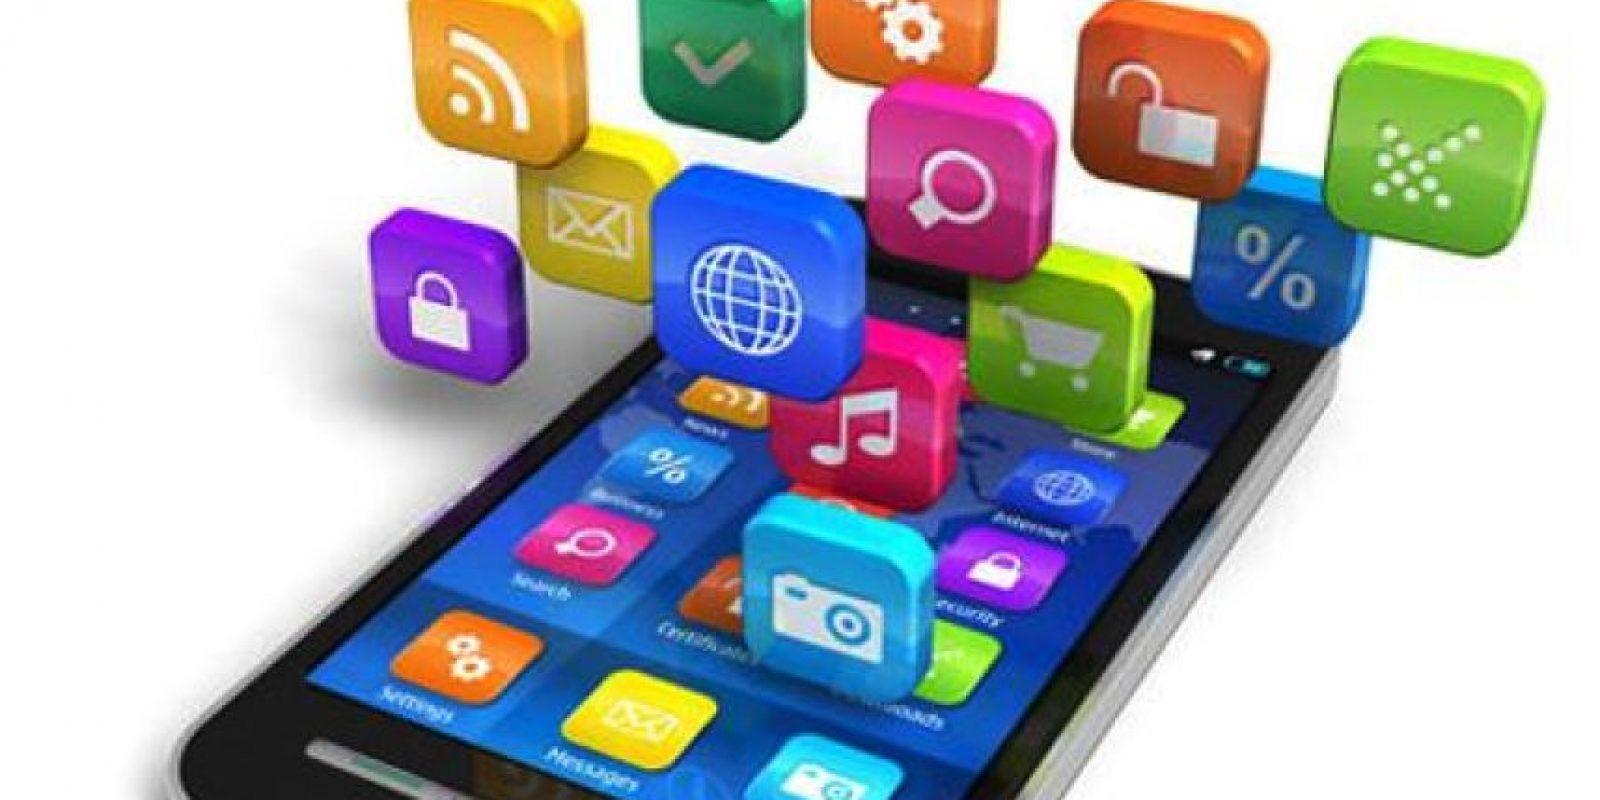 Sin embargo, tambien se pueden encontrar en estas tiendas y en Internet en general, muchos sitios que ofrecen app gratuitas Foto:twitter.com/elheraldoco/